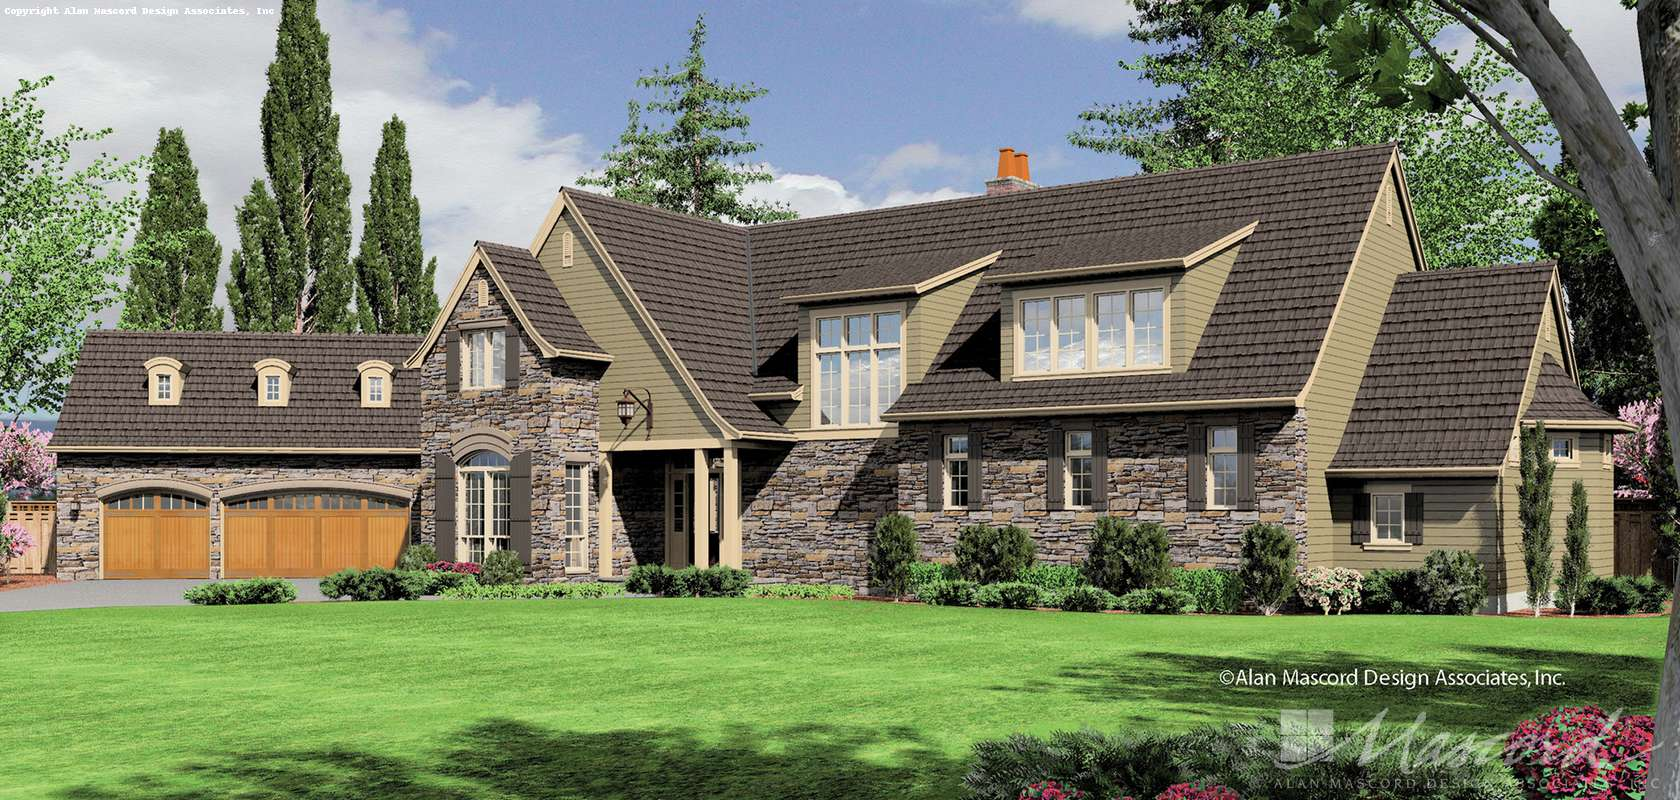 Mascord House Plan 2448: The Glendale